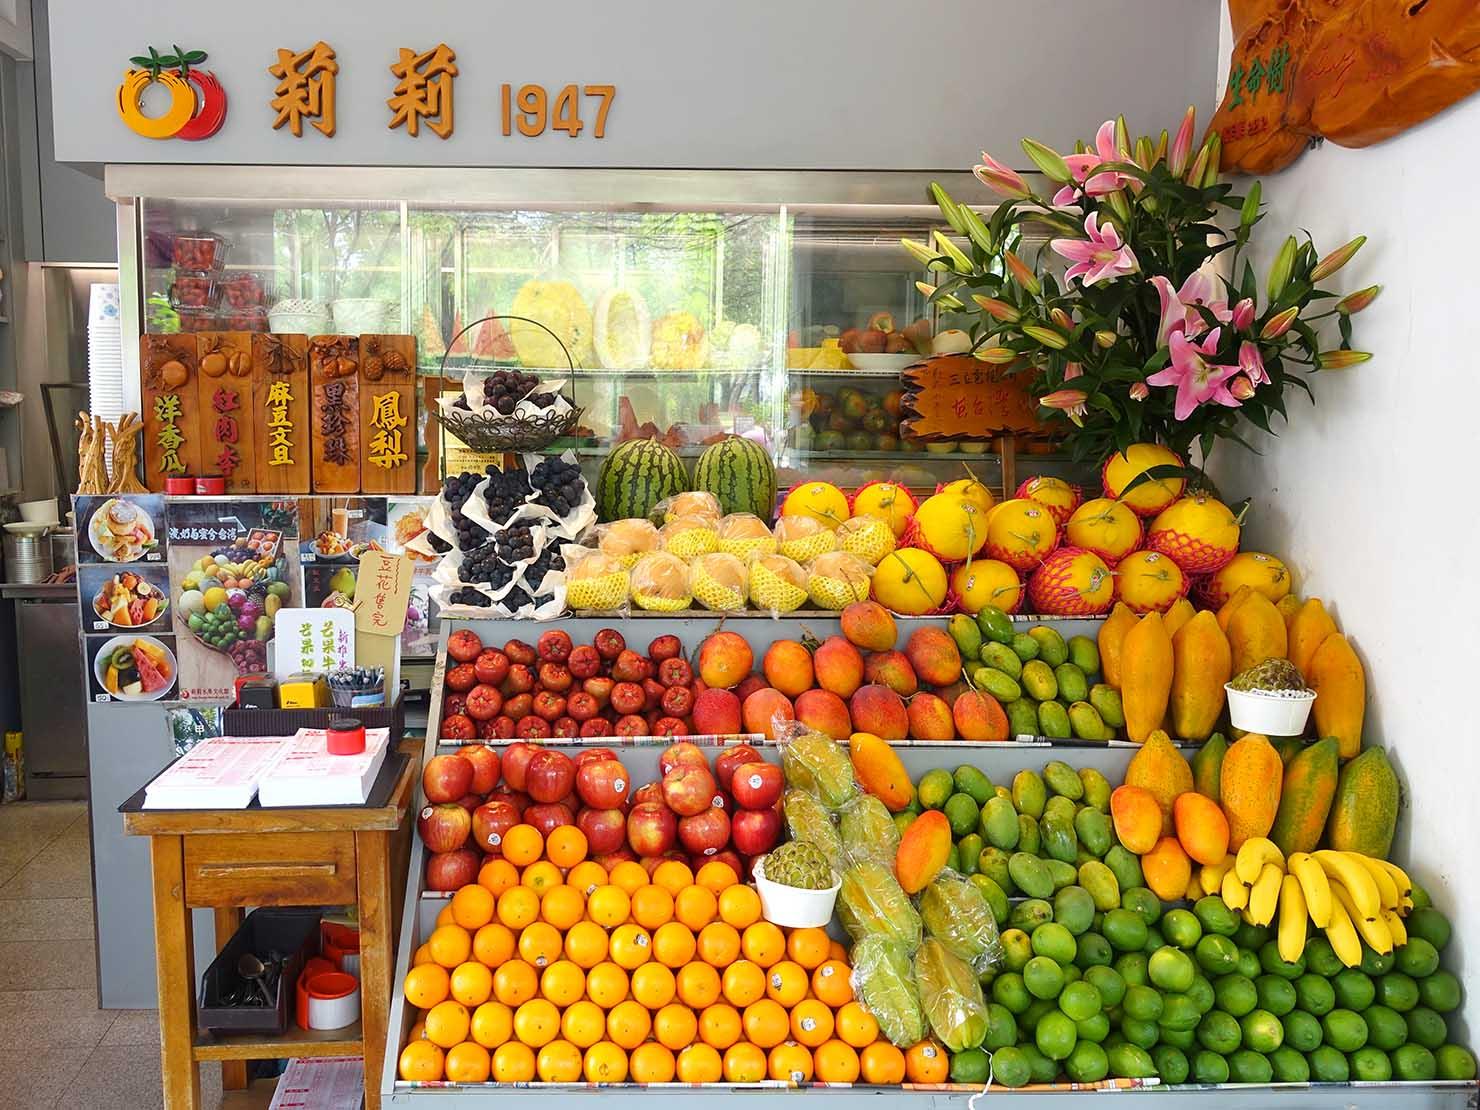 台南・孔廟エリアのおすすめグルメ店「莉莉水果店」のフルーツが並ぶカウンター